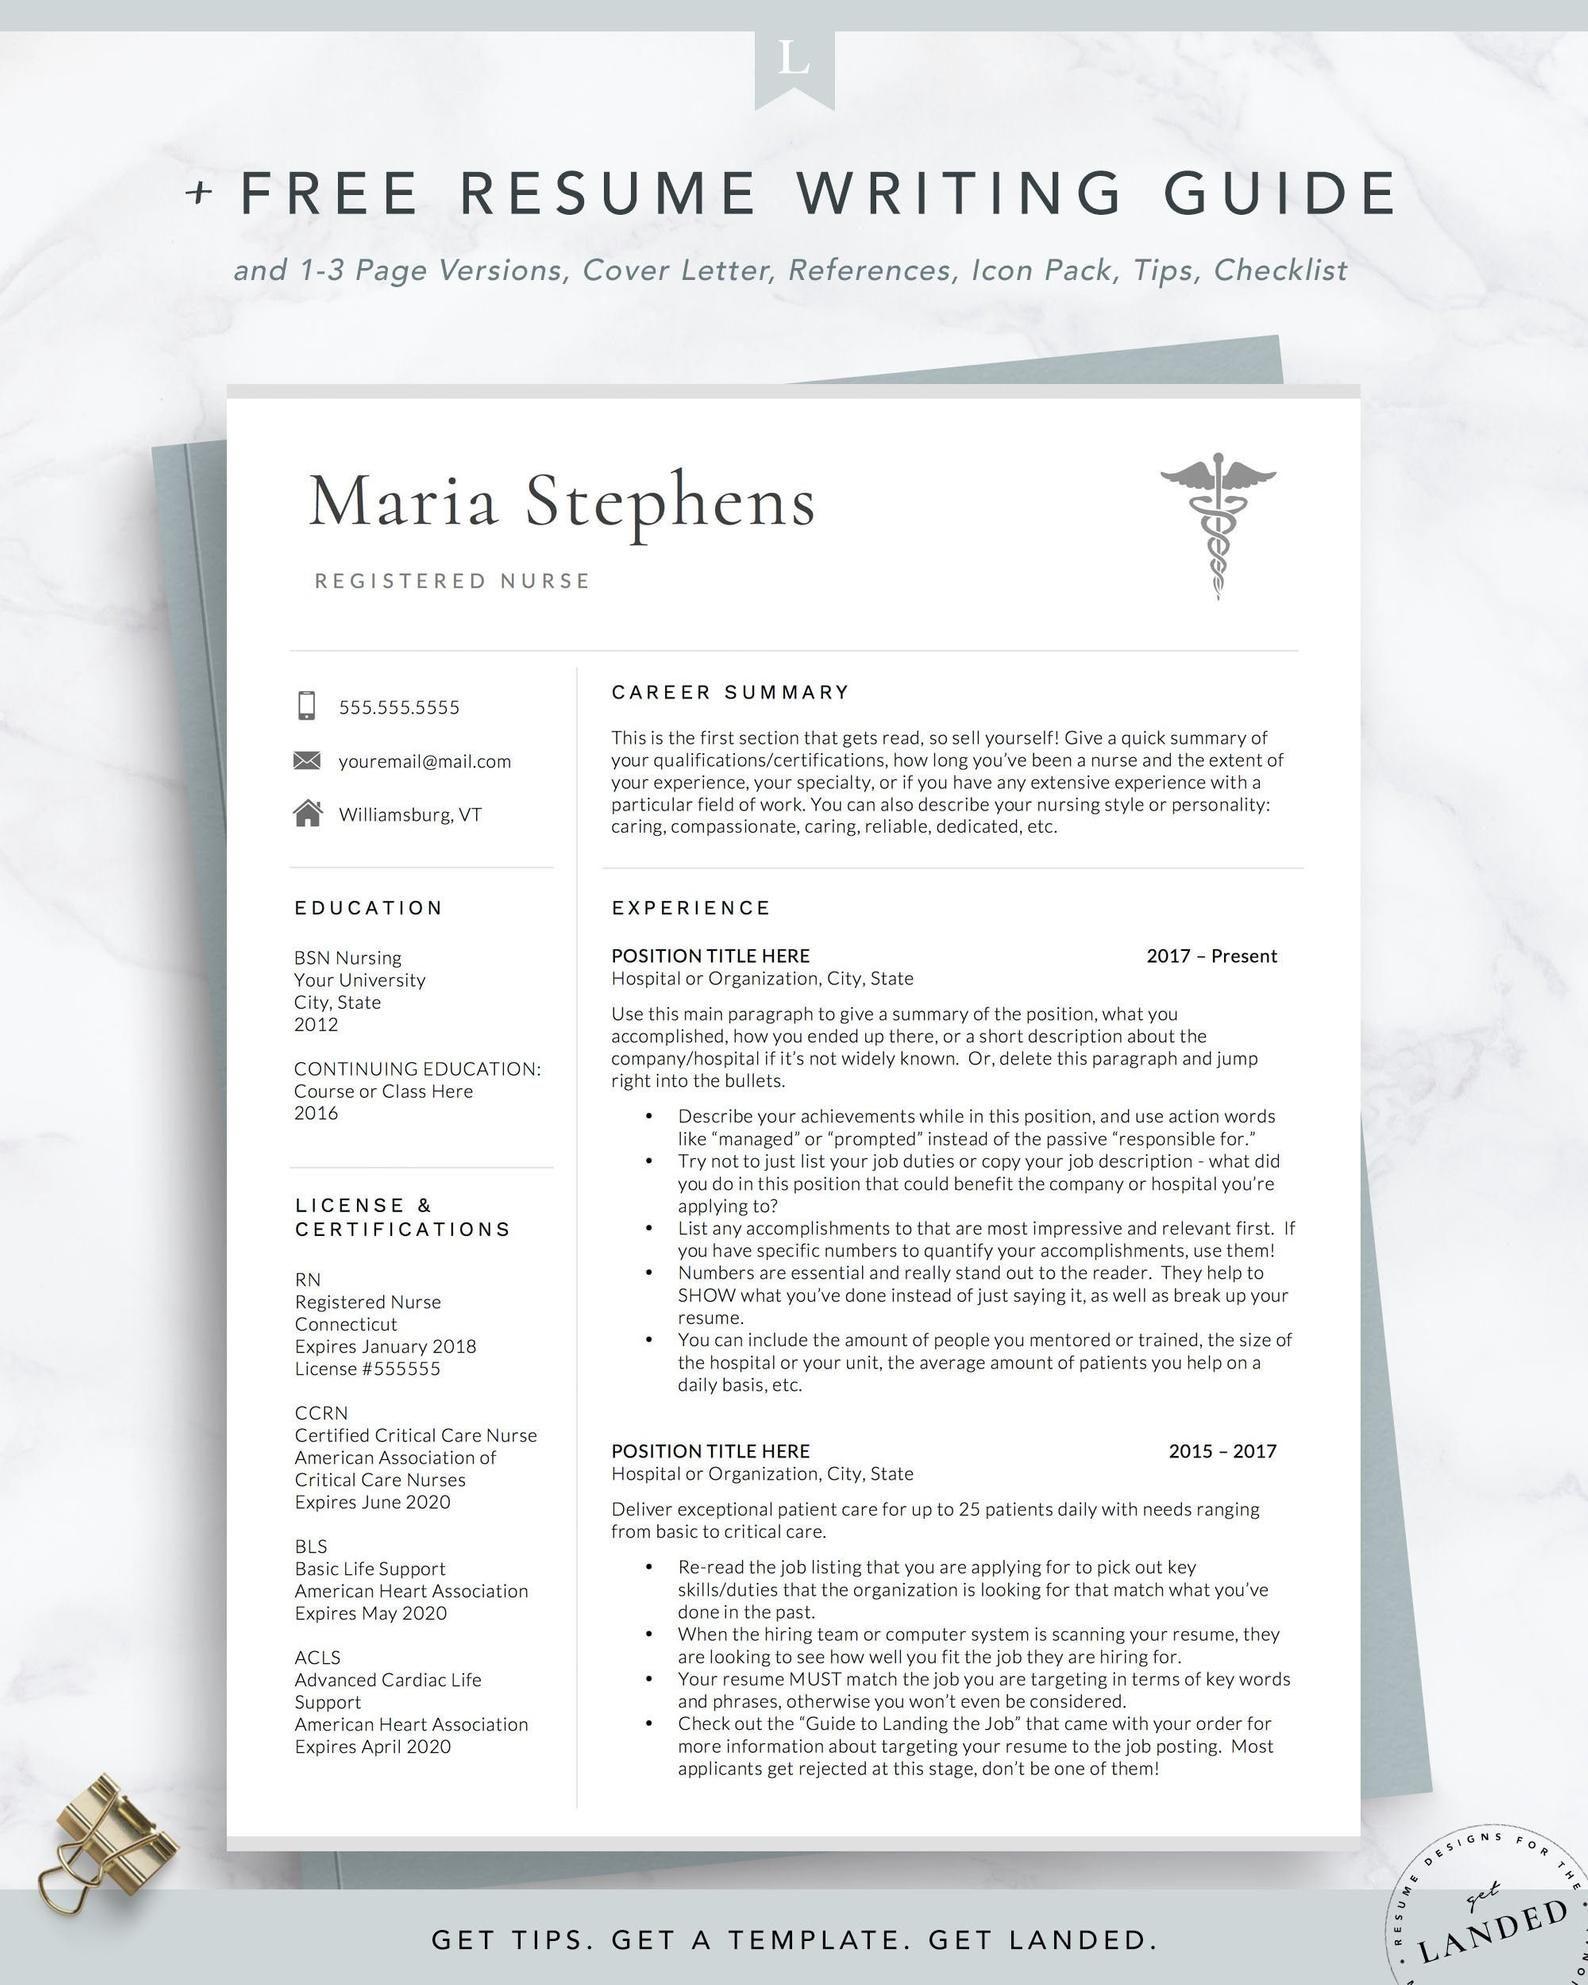 Nursing Resume Template, Nurse Resume Design, Nursing